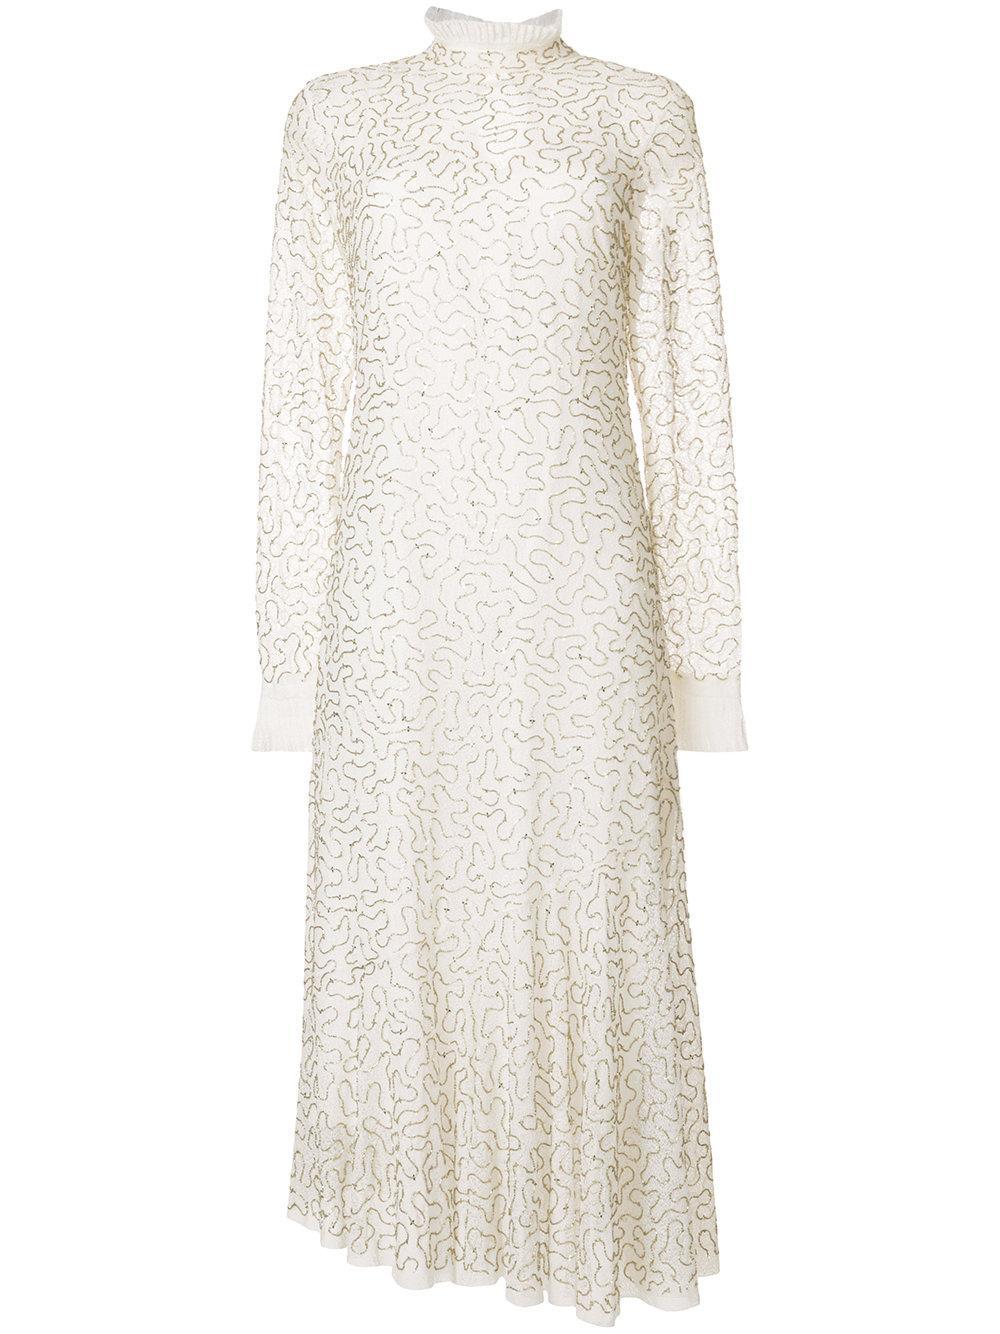 Aje Speckle Knit Dress